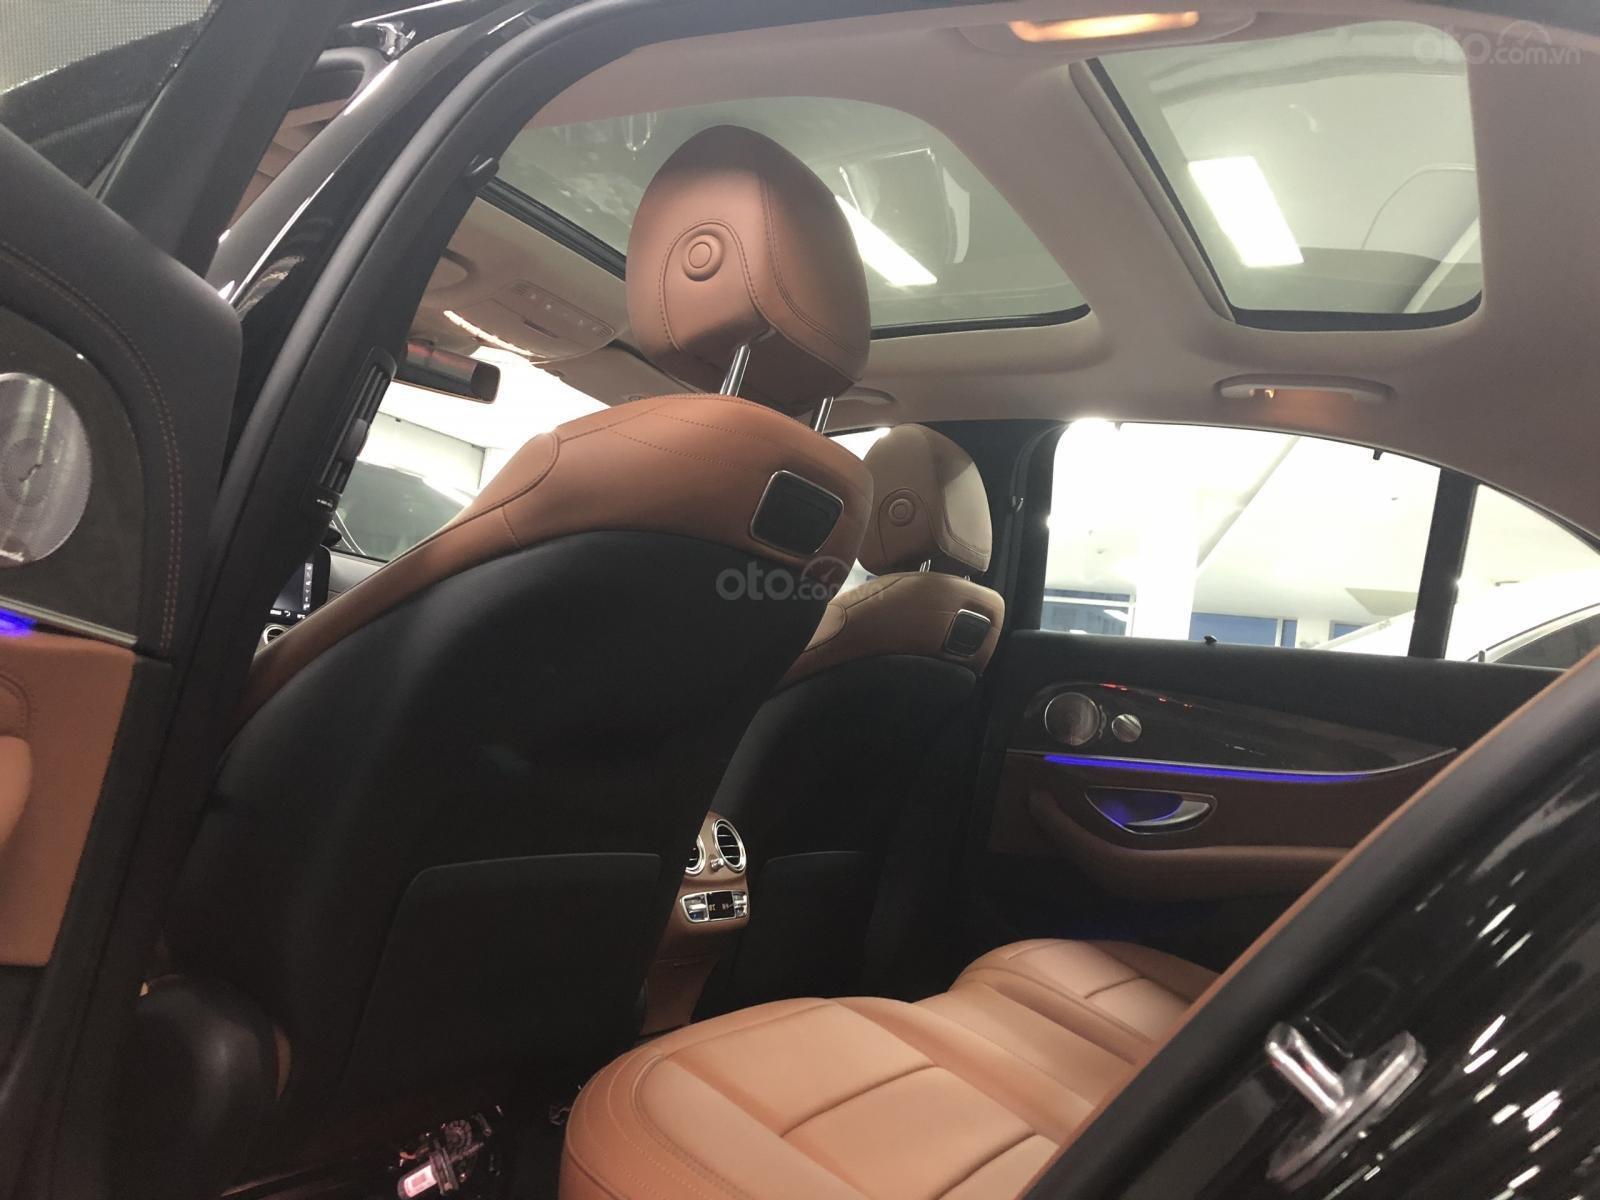 Giá xe Mercedes E300 AMG 2020, ưu đãi khủng, tặng 100% thuế trước bạ (8)